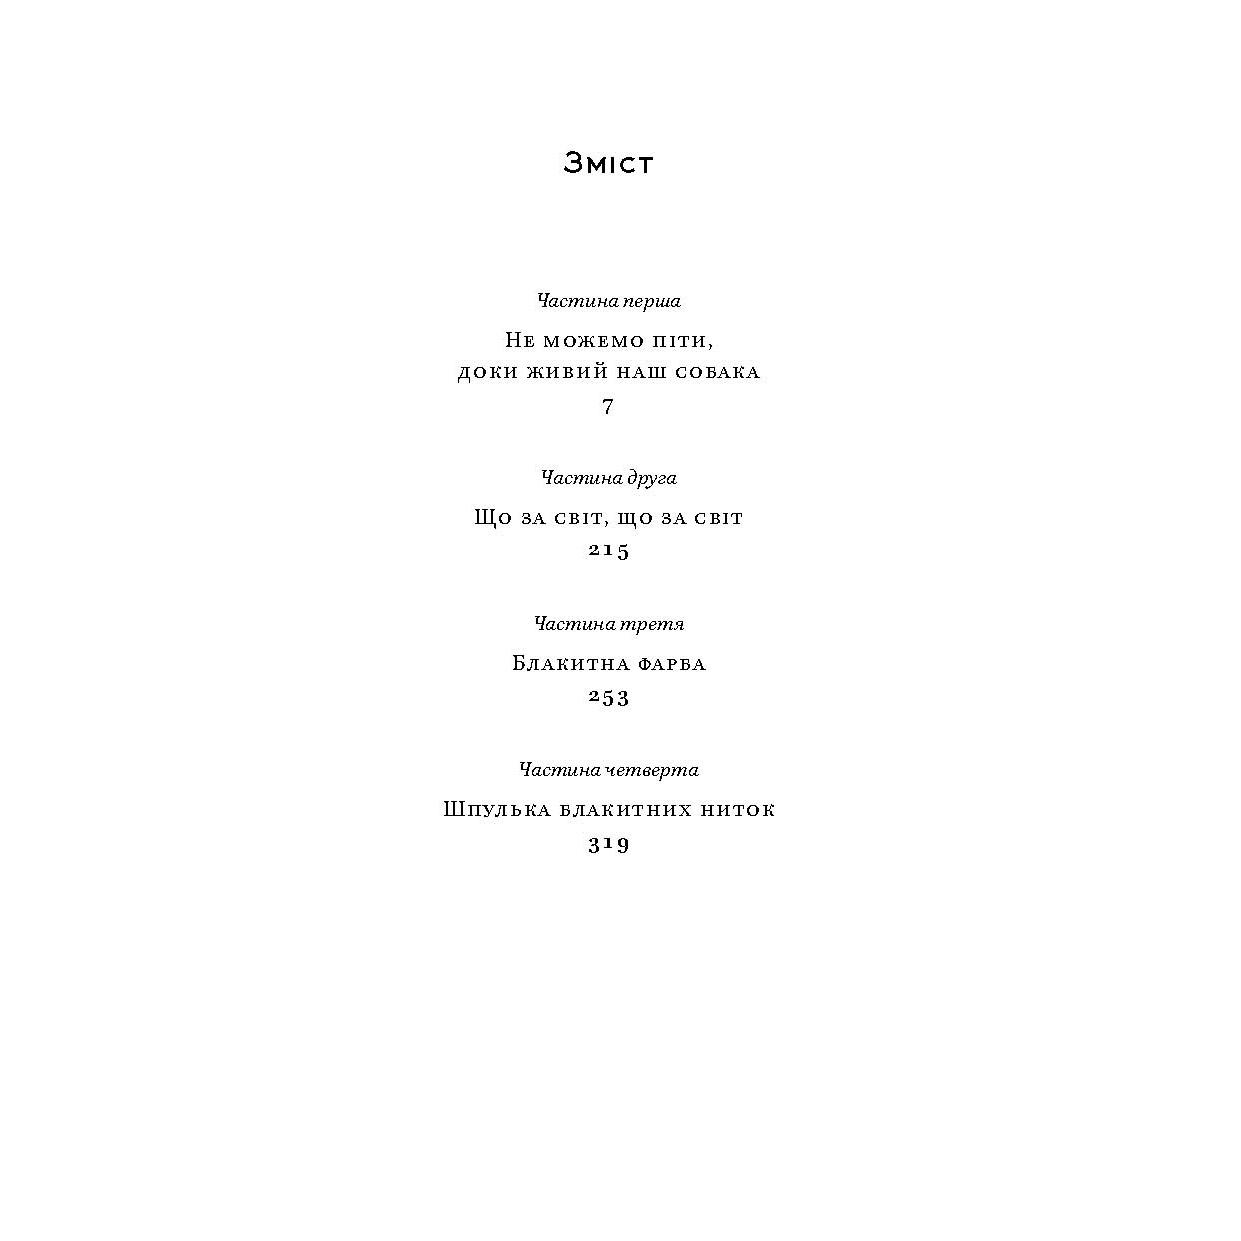 072_tyler-anne_blakytne-merezhyvo-doli_prev02